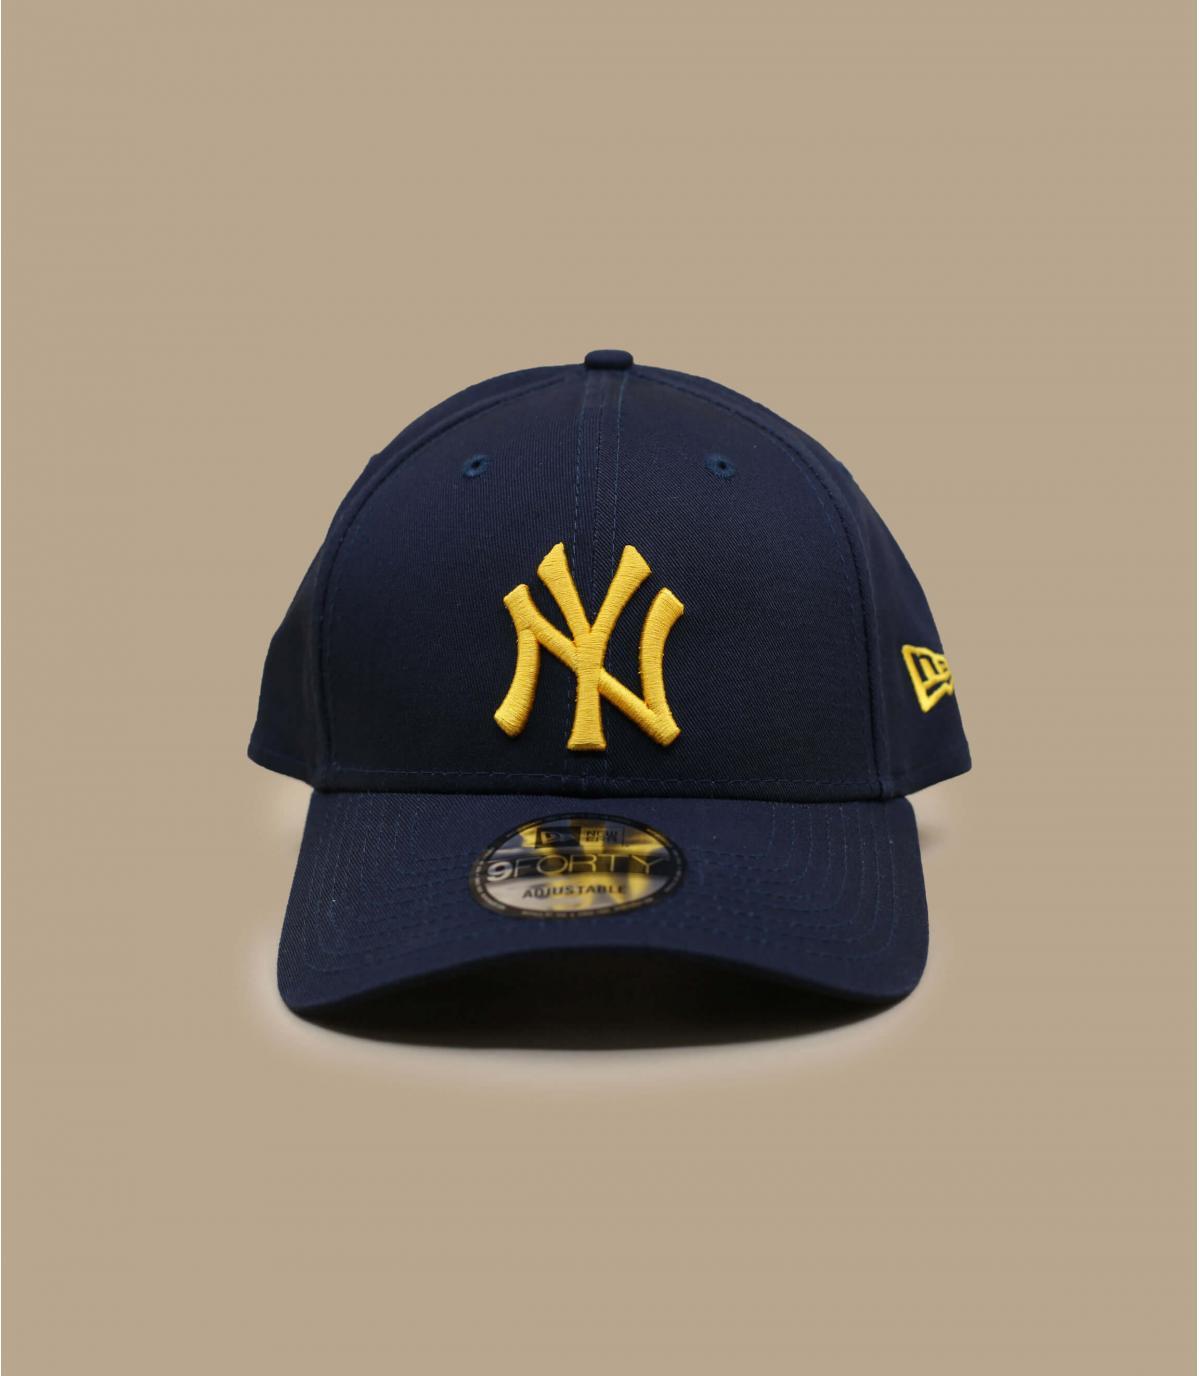 Cap NY blau gold